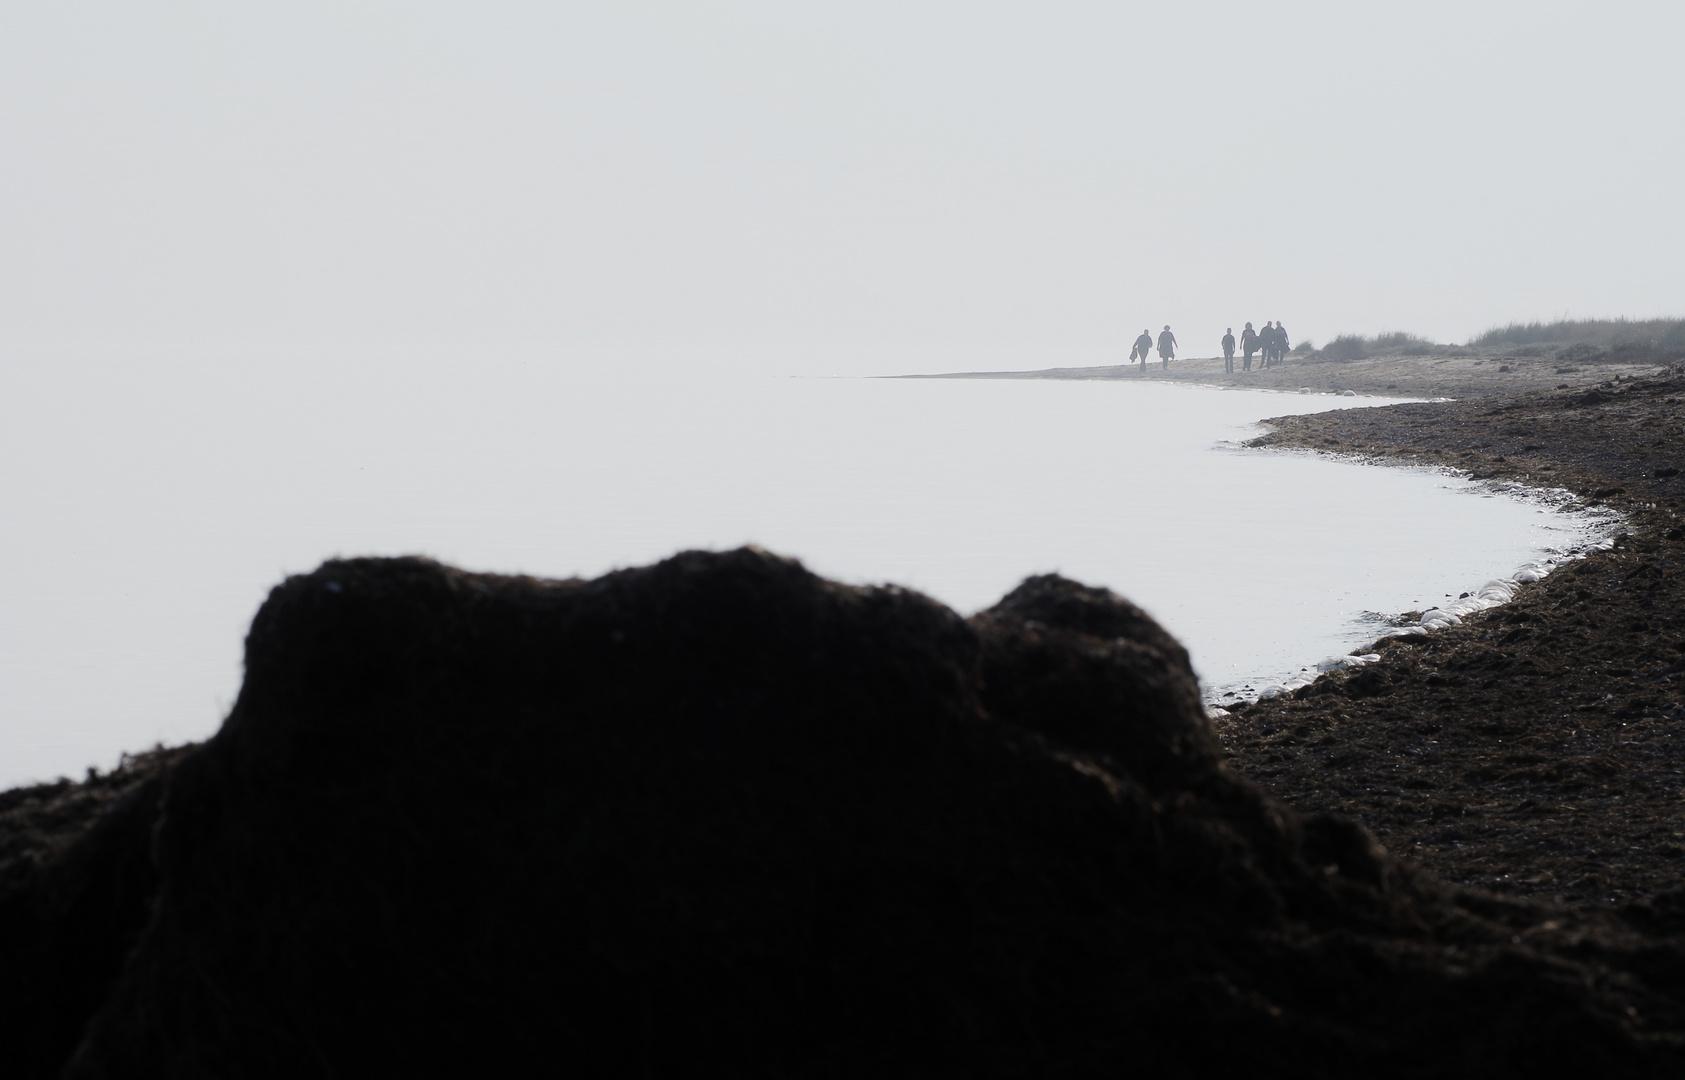 Ankömmlinge am Meer